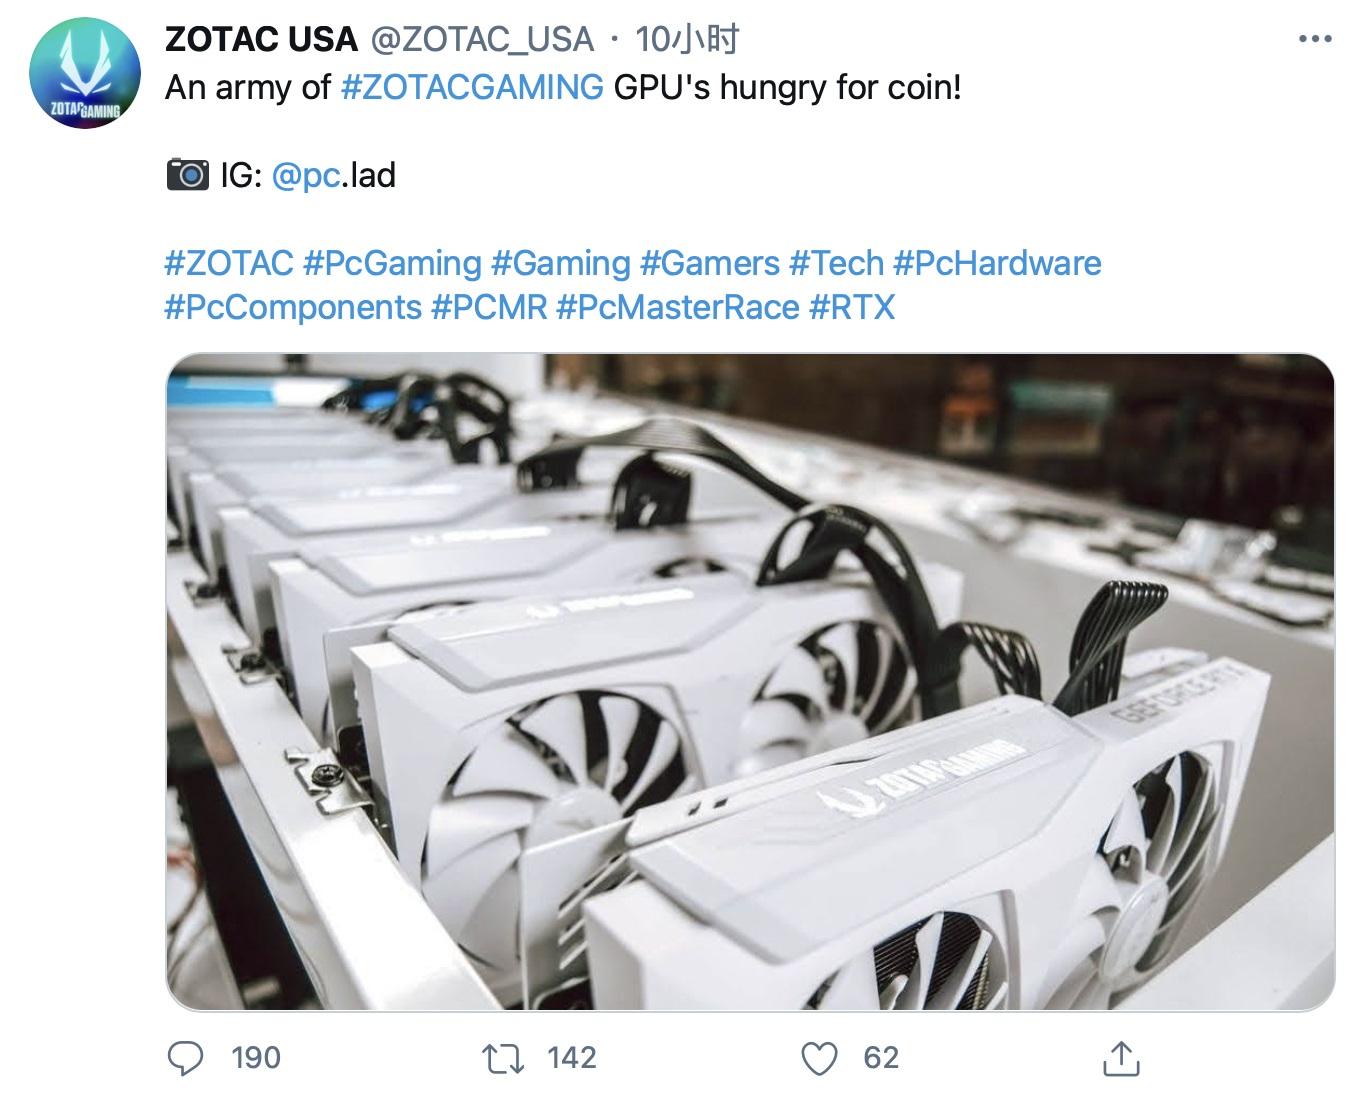 索泰官方推特晒出采用自家显卡的矿机 网友气愤